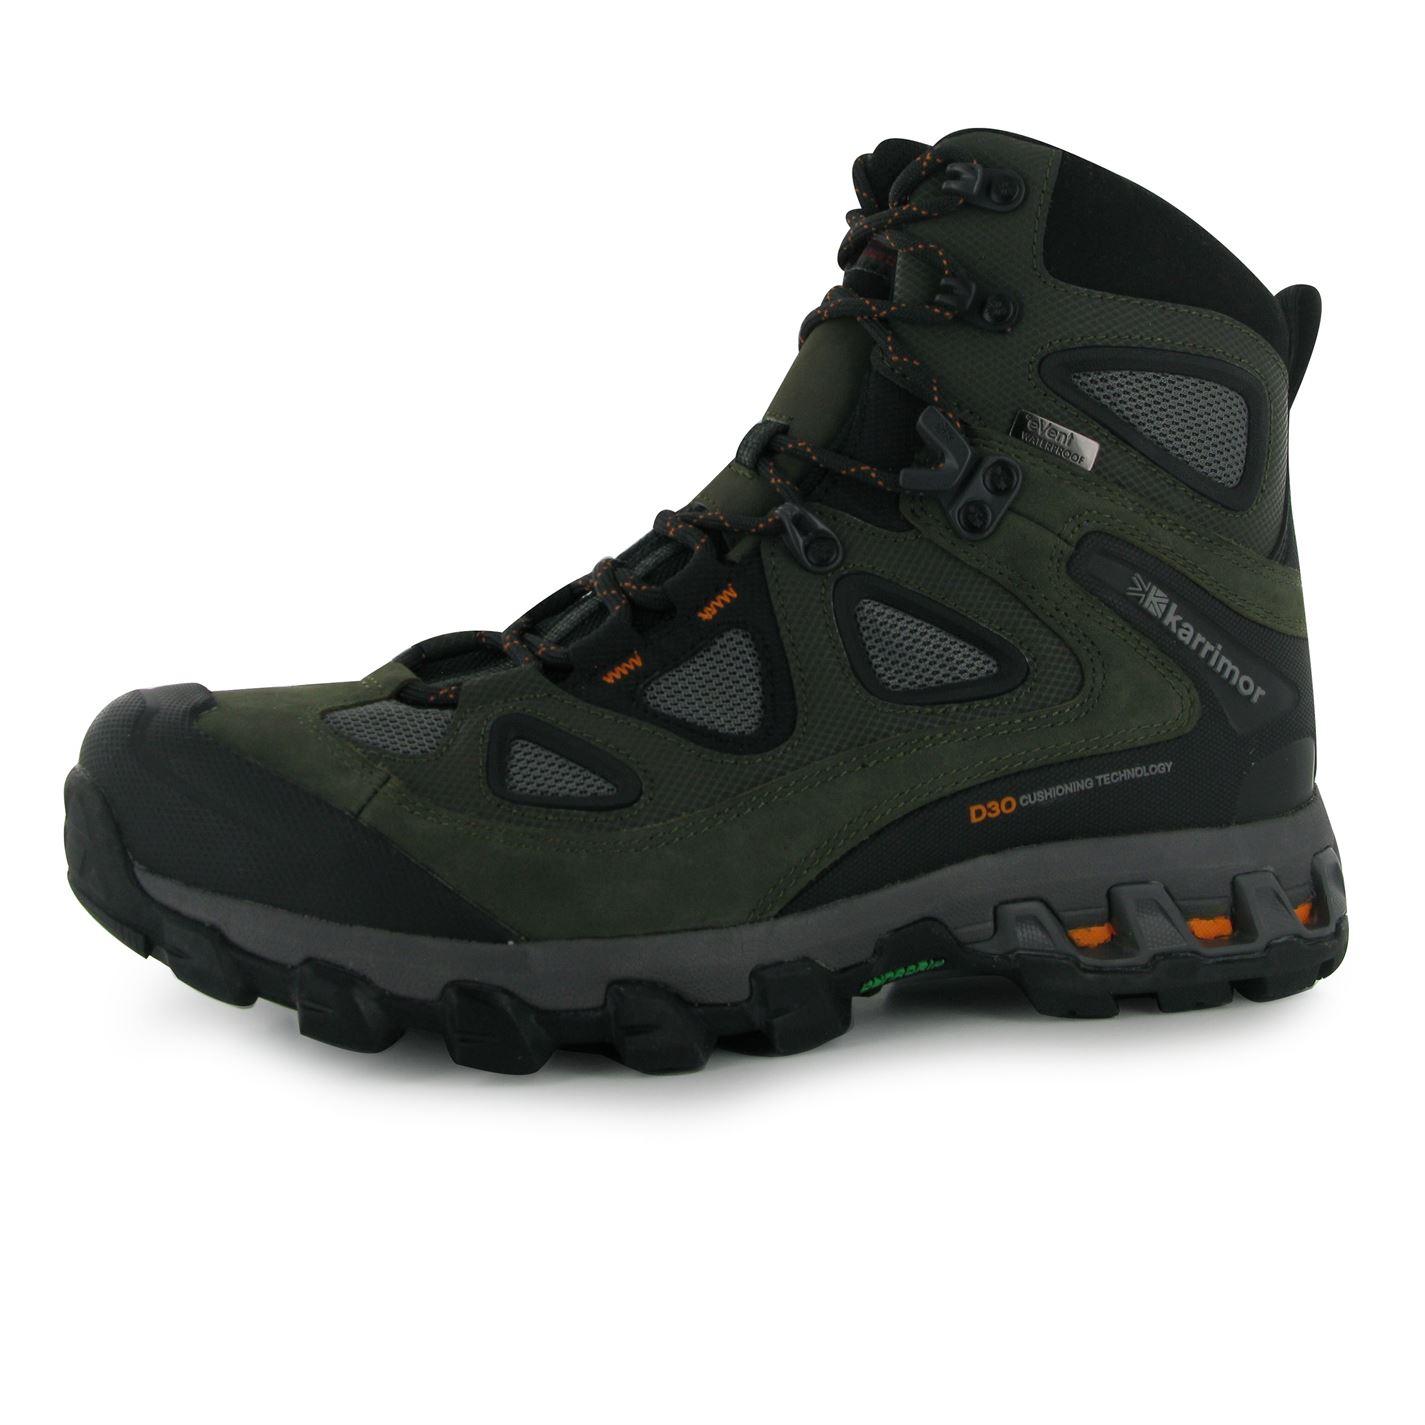 Karrimor KSB Jaguar eVent Mens Walking Boots